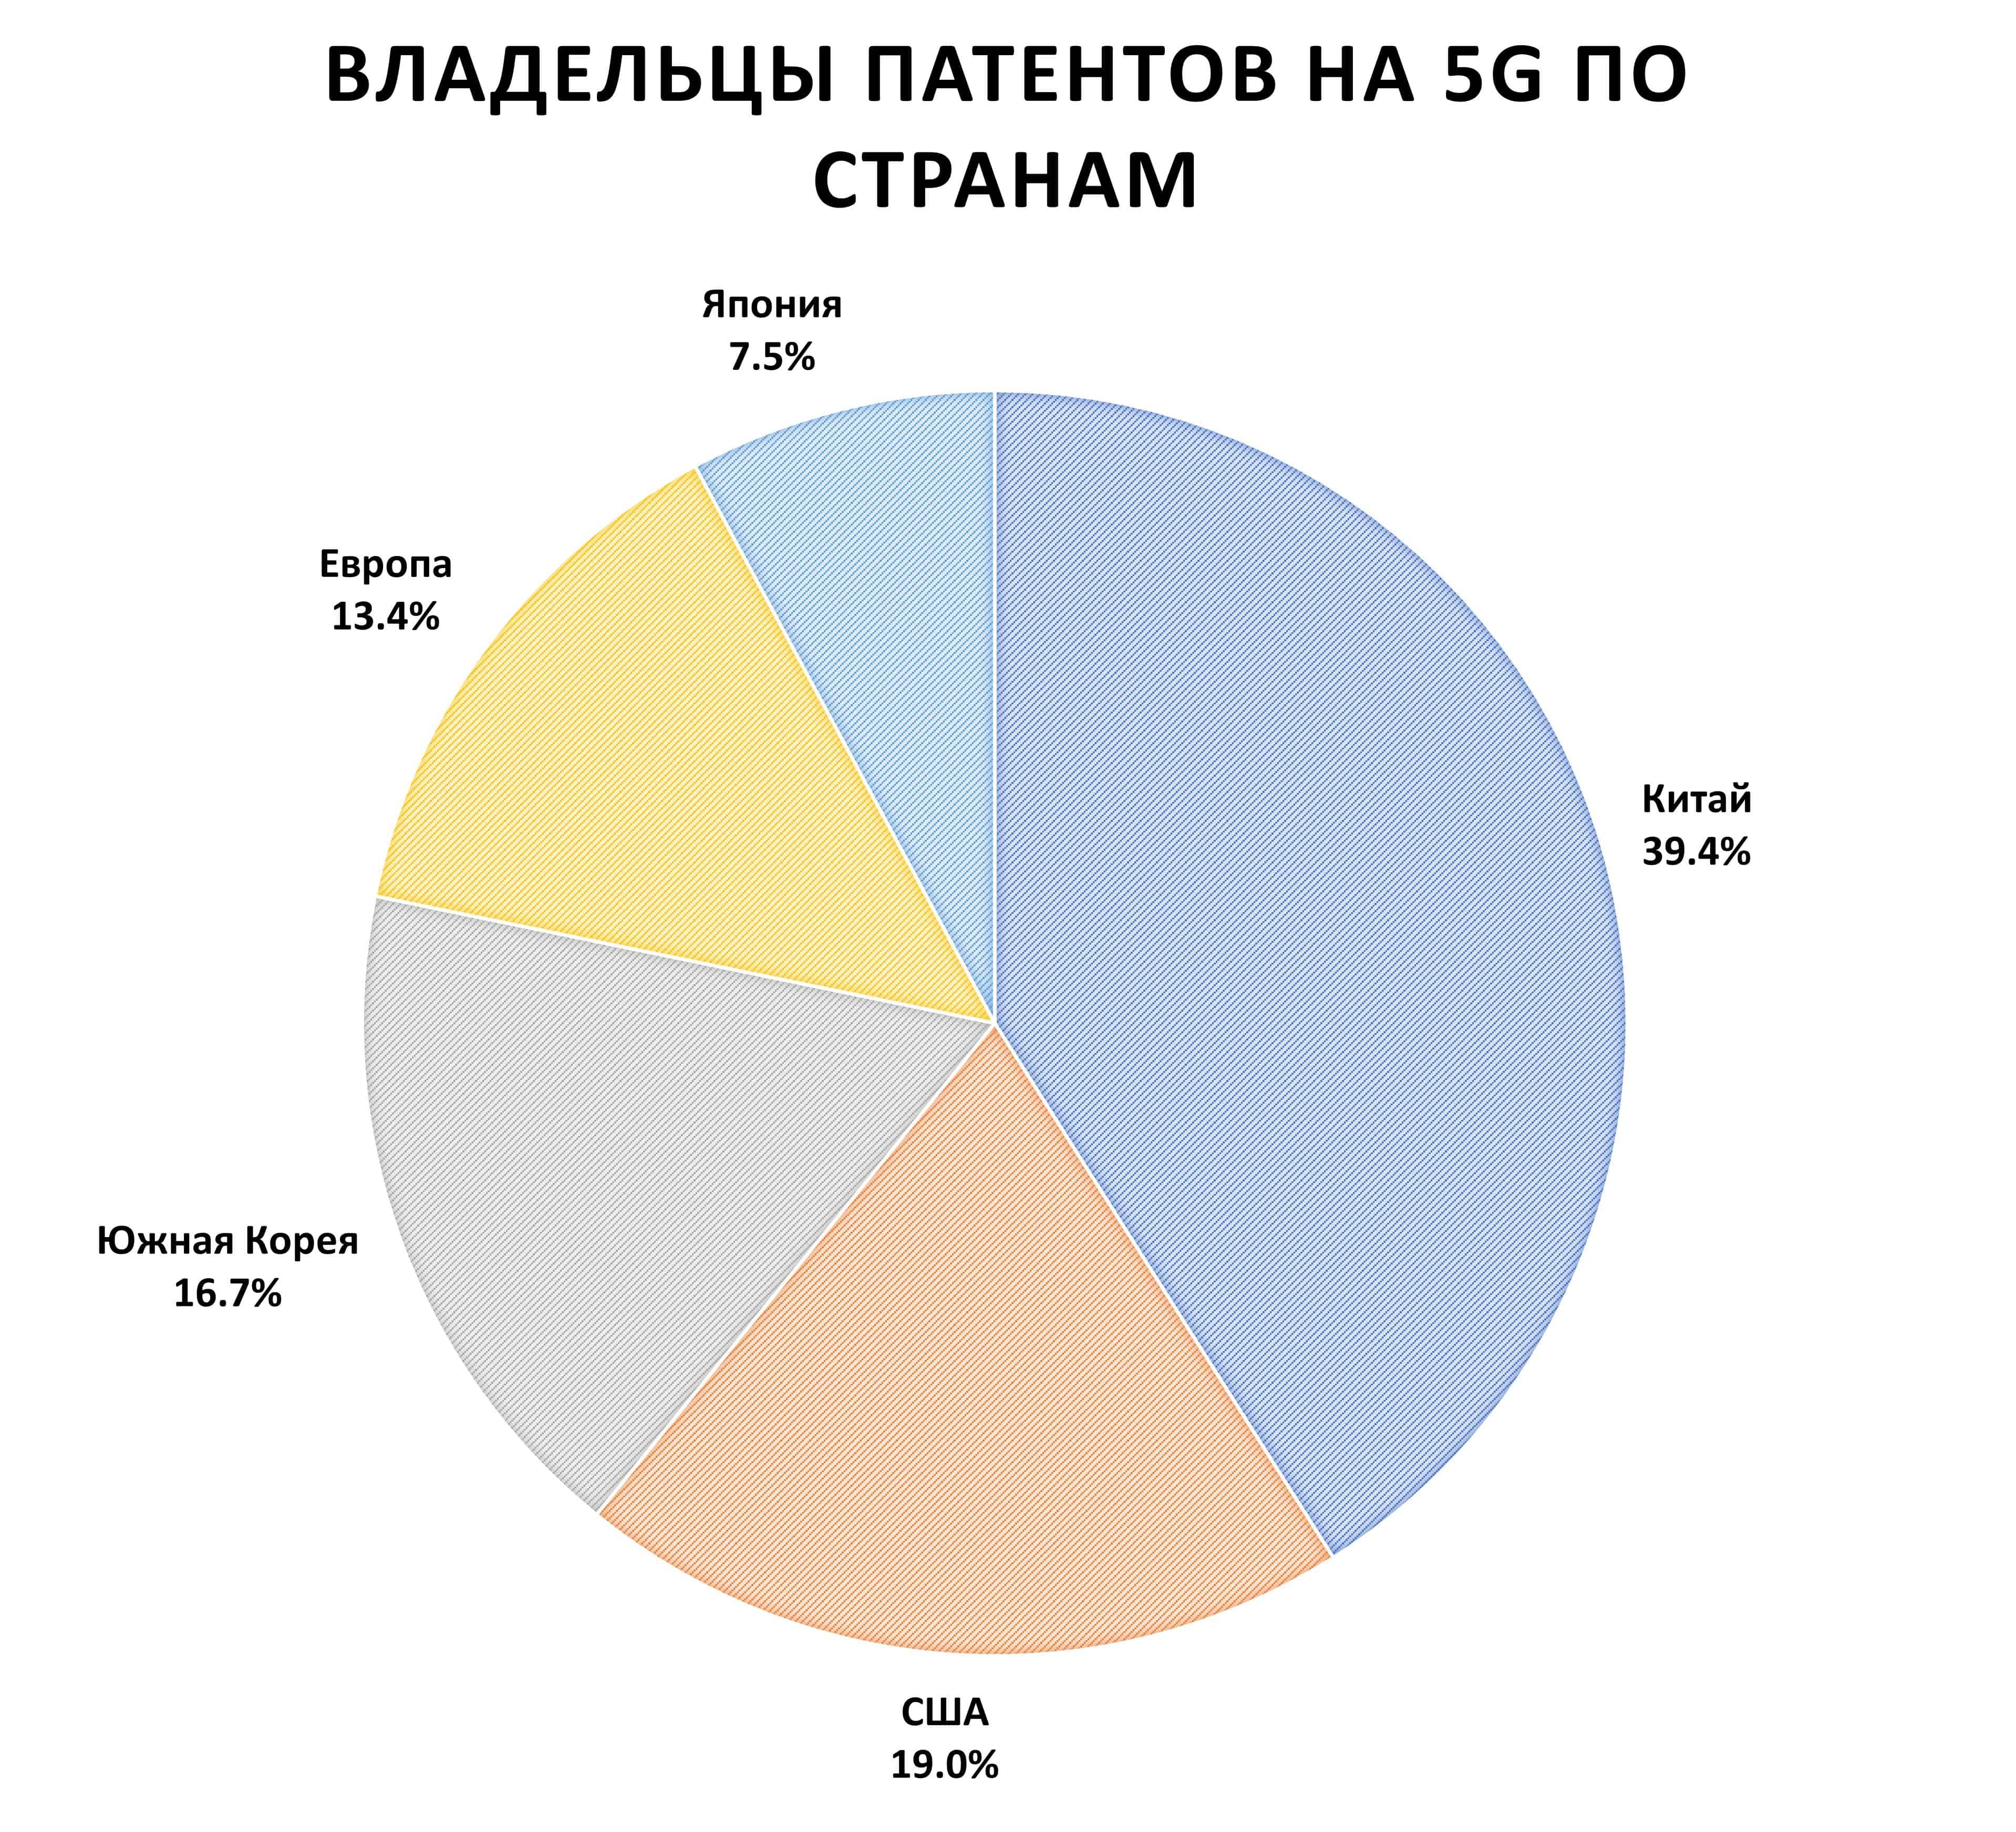 Владельцы патентов 5G по странам. Китай 39%, США 19%, Южная Корея 17%, Европа 13%, Япония 8%.